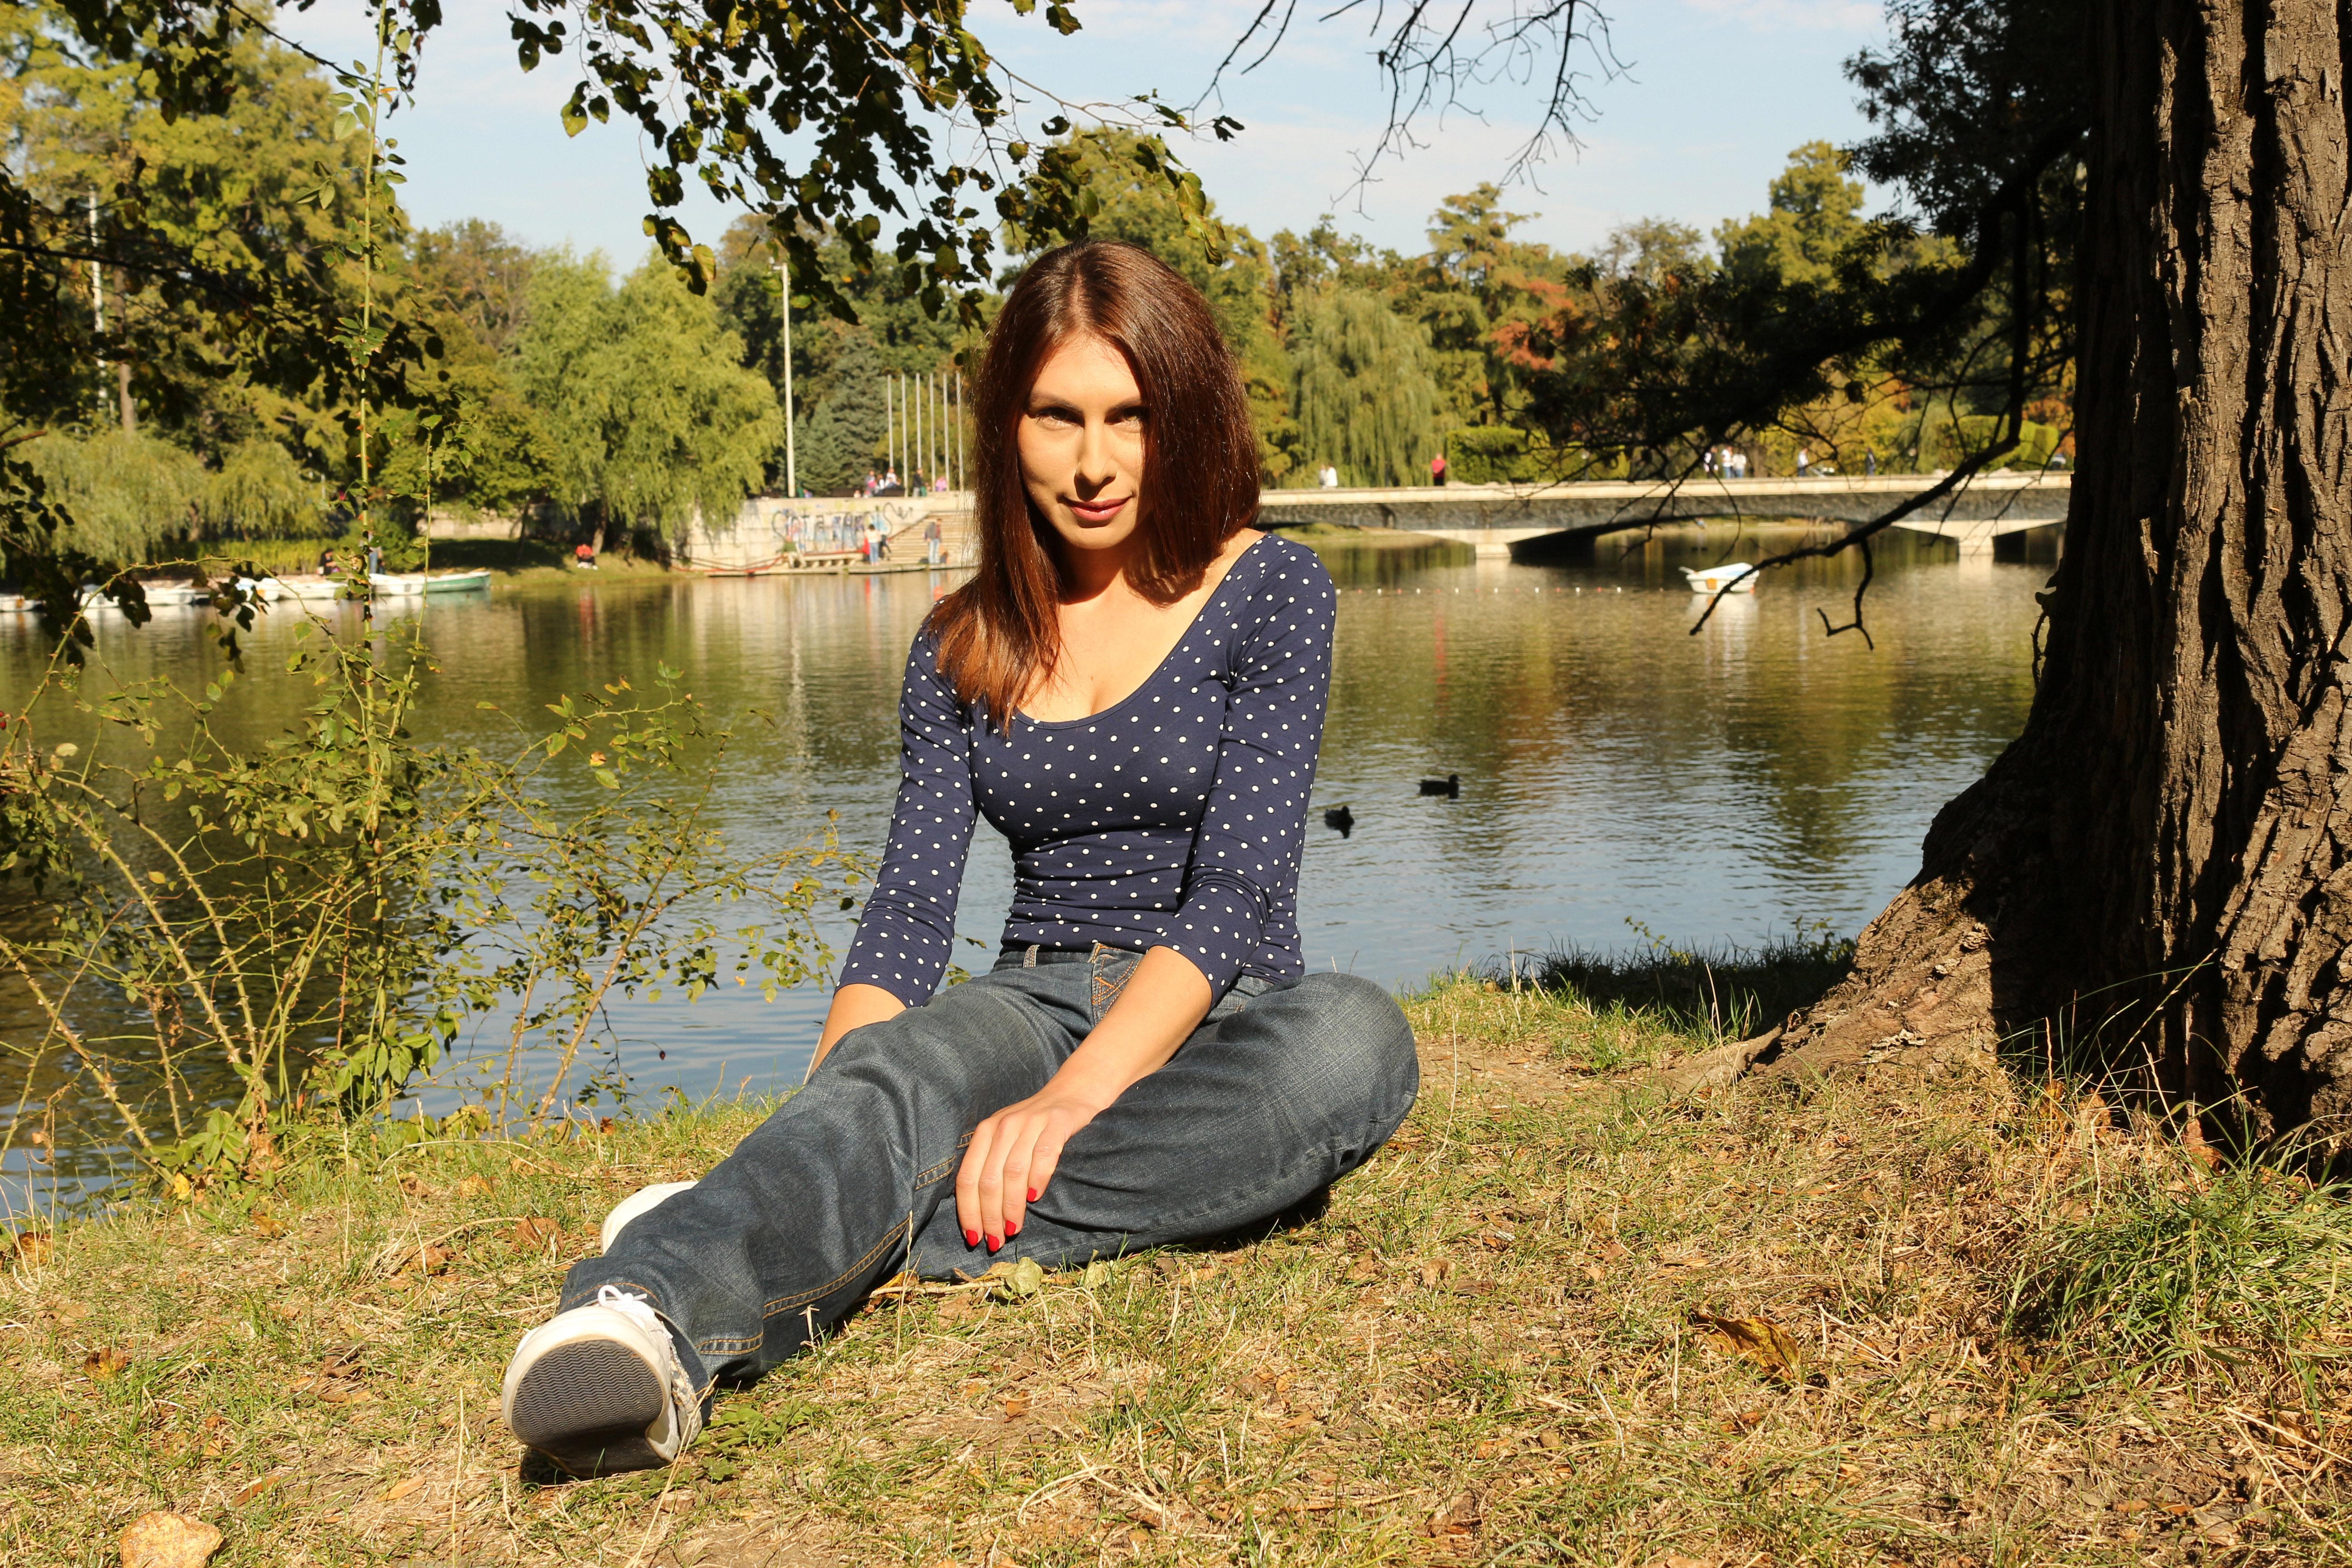 o femeie pentru o relație serioasă)